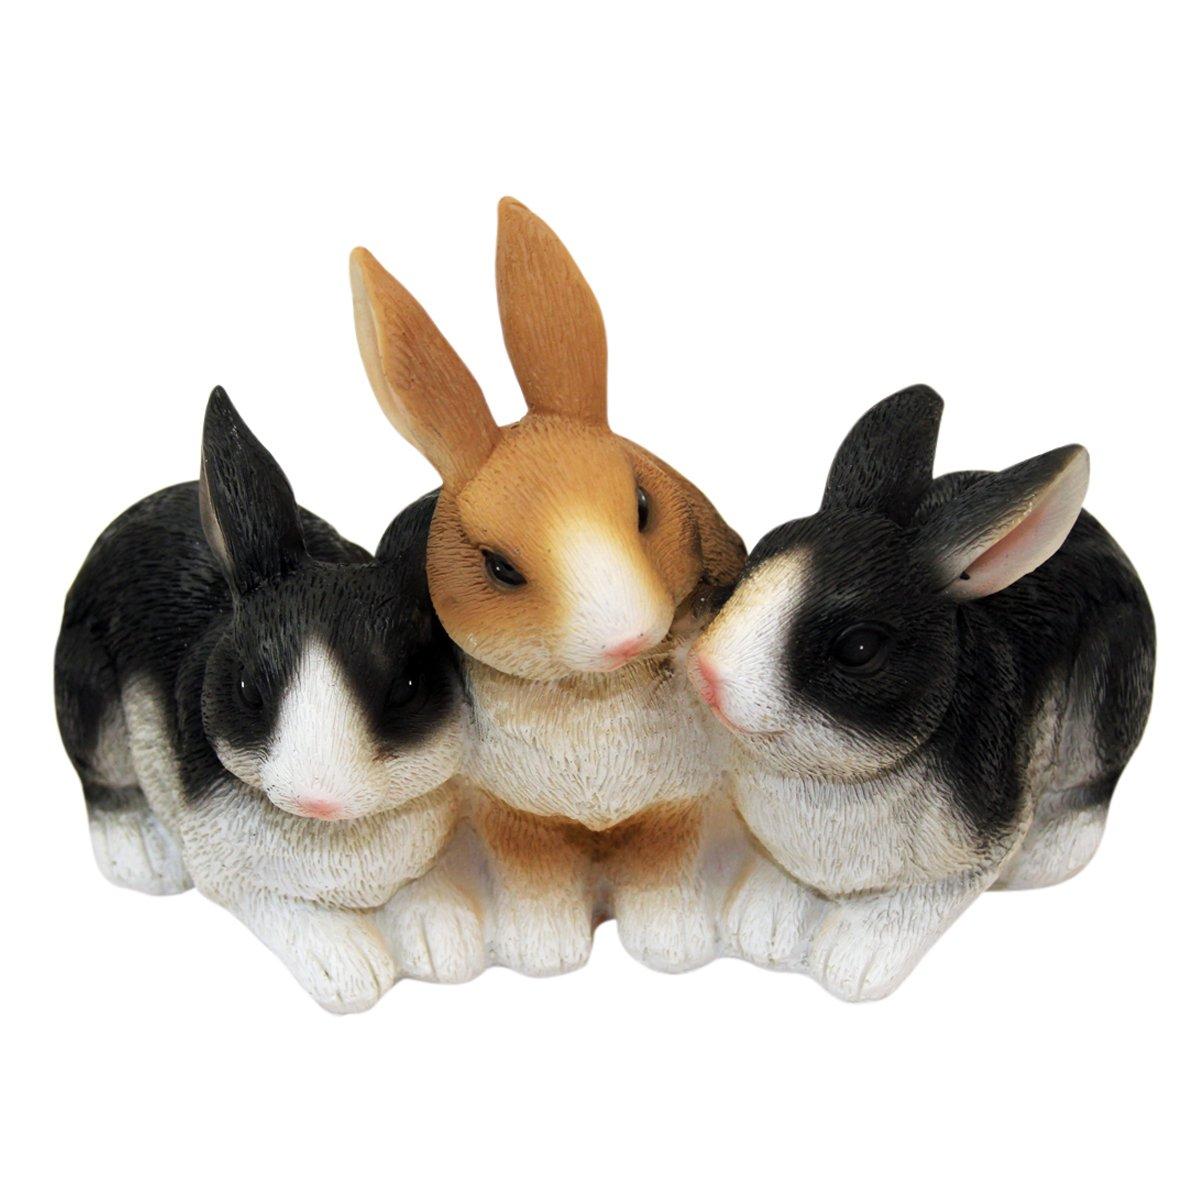 2er Set Hasen Häschen Kaninchen Garten Gartenfigur Gartendeko Handbemalt Ostern